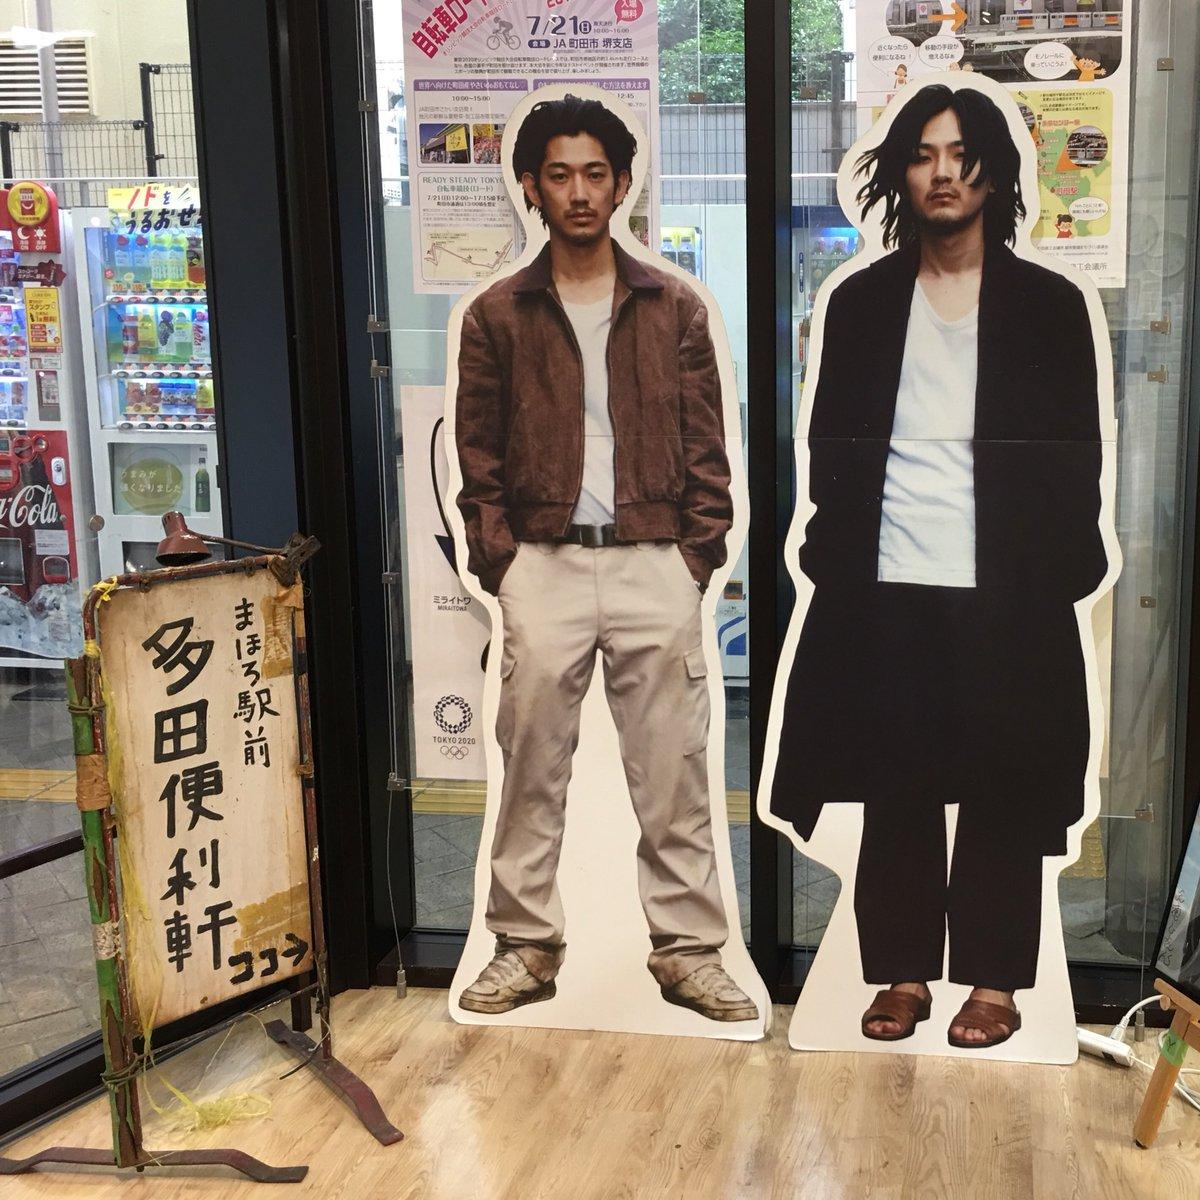 便利 軒 駅前 多田 まほろ